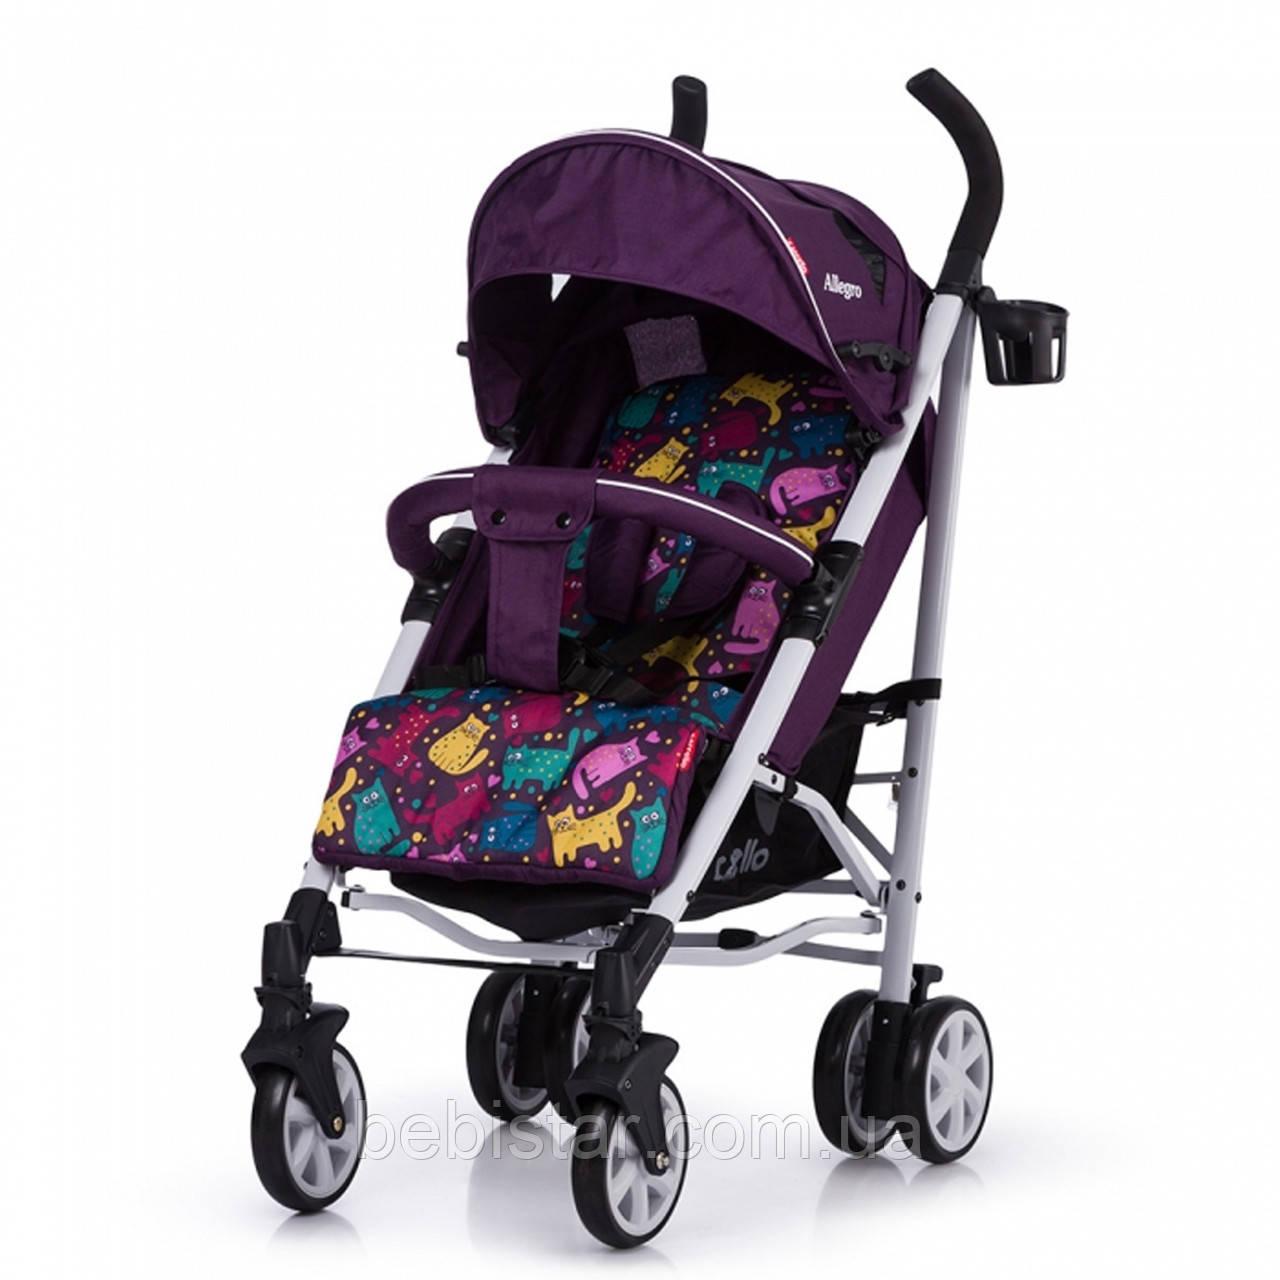 Детская коляска-трость фиолетовая CARRELLO Allegro CRL-10101/1 Kitty Purple в льне чехол на ножки подстаканник